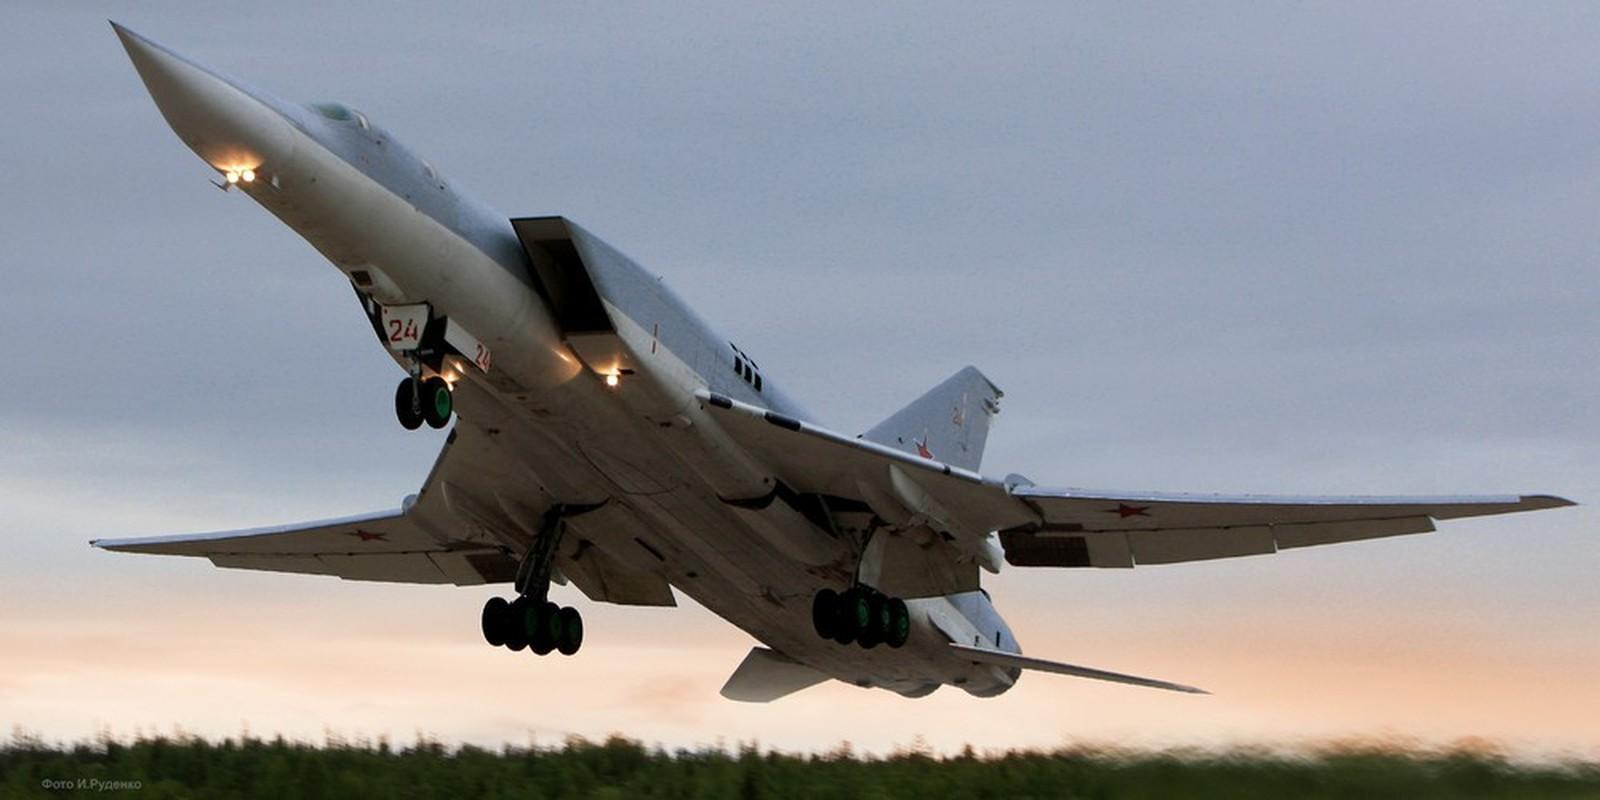 Oanh tac co Tu-22M3 manh the nao ma Tho Nhi Ky phai voi danh chan?-Hinh-13